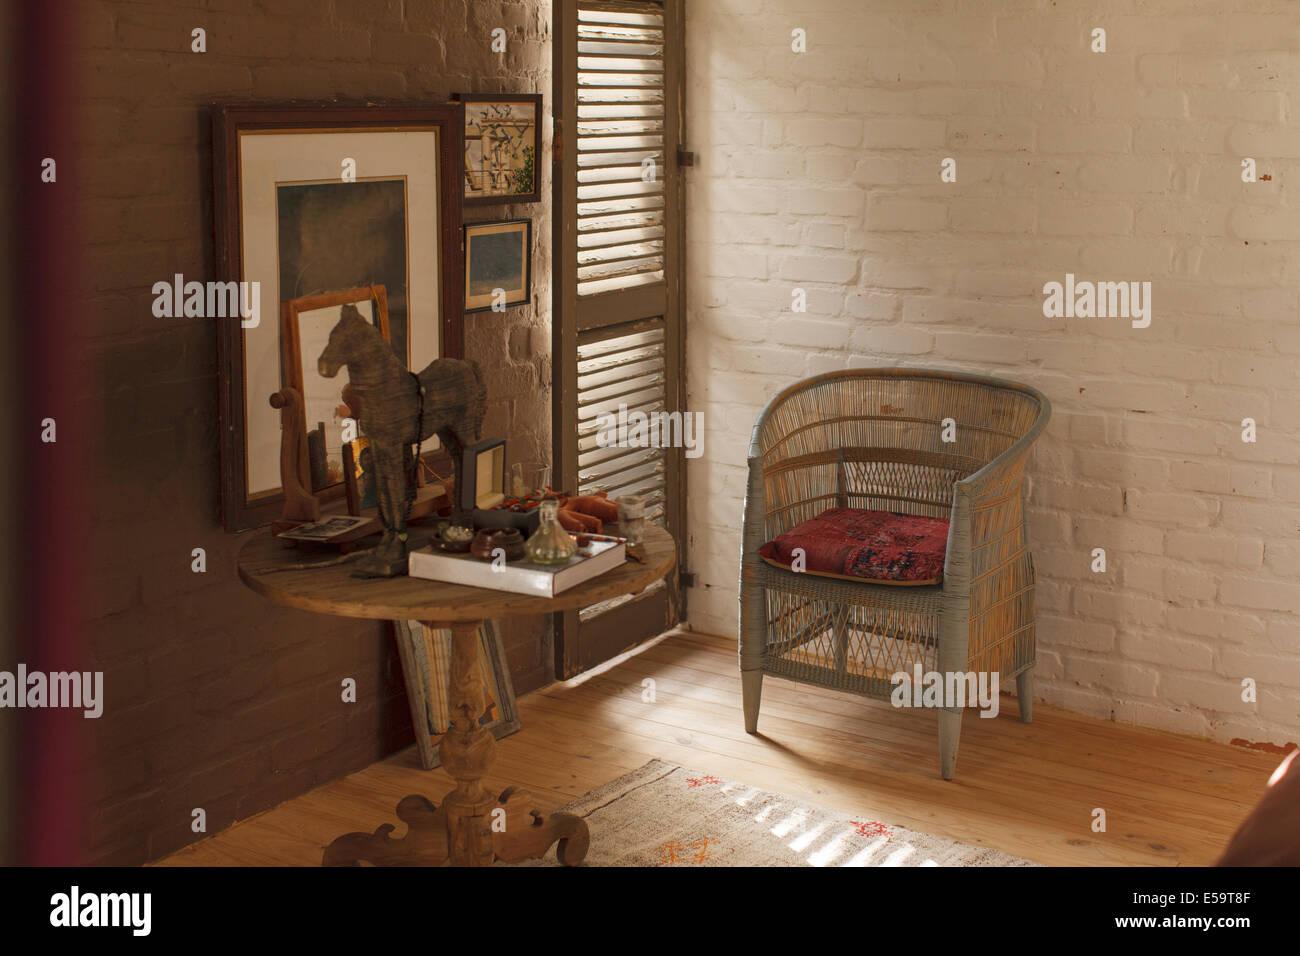 Tavolo laterale e decorazioni in camera da letto in stile rustico foto immagine stock - Decorazioni camera da letto ...